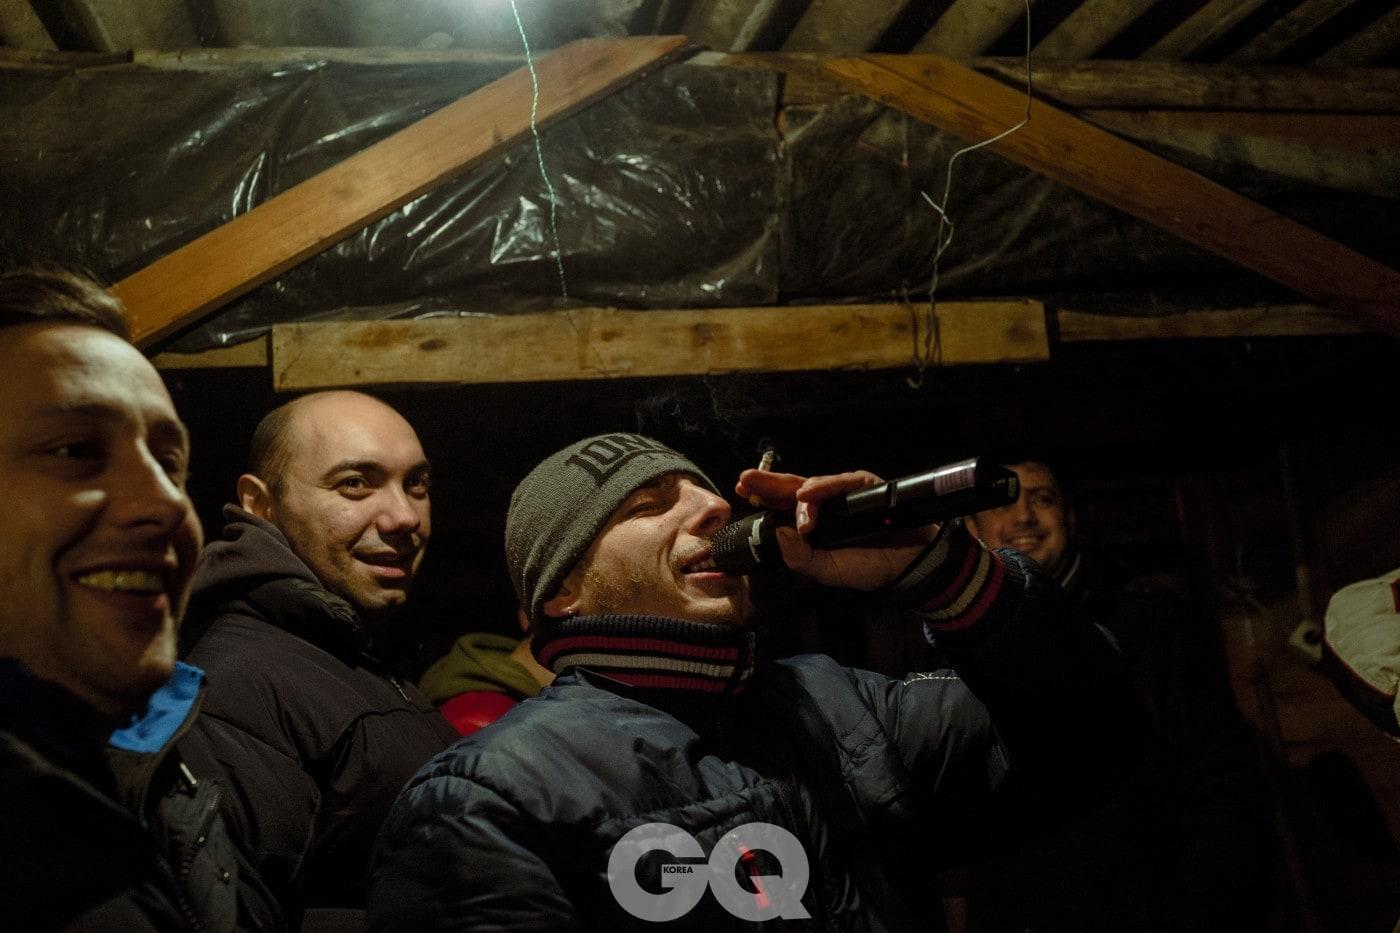 남자들이 정원의 오두막에 모여 문샤인을 마시고 겨울 송가를 부른다. 정치 웹사이트로 돈을 벌어 들인 이가 마이크를 들고 있다.